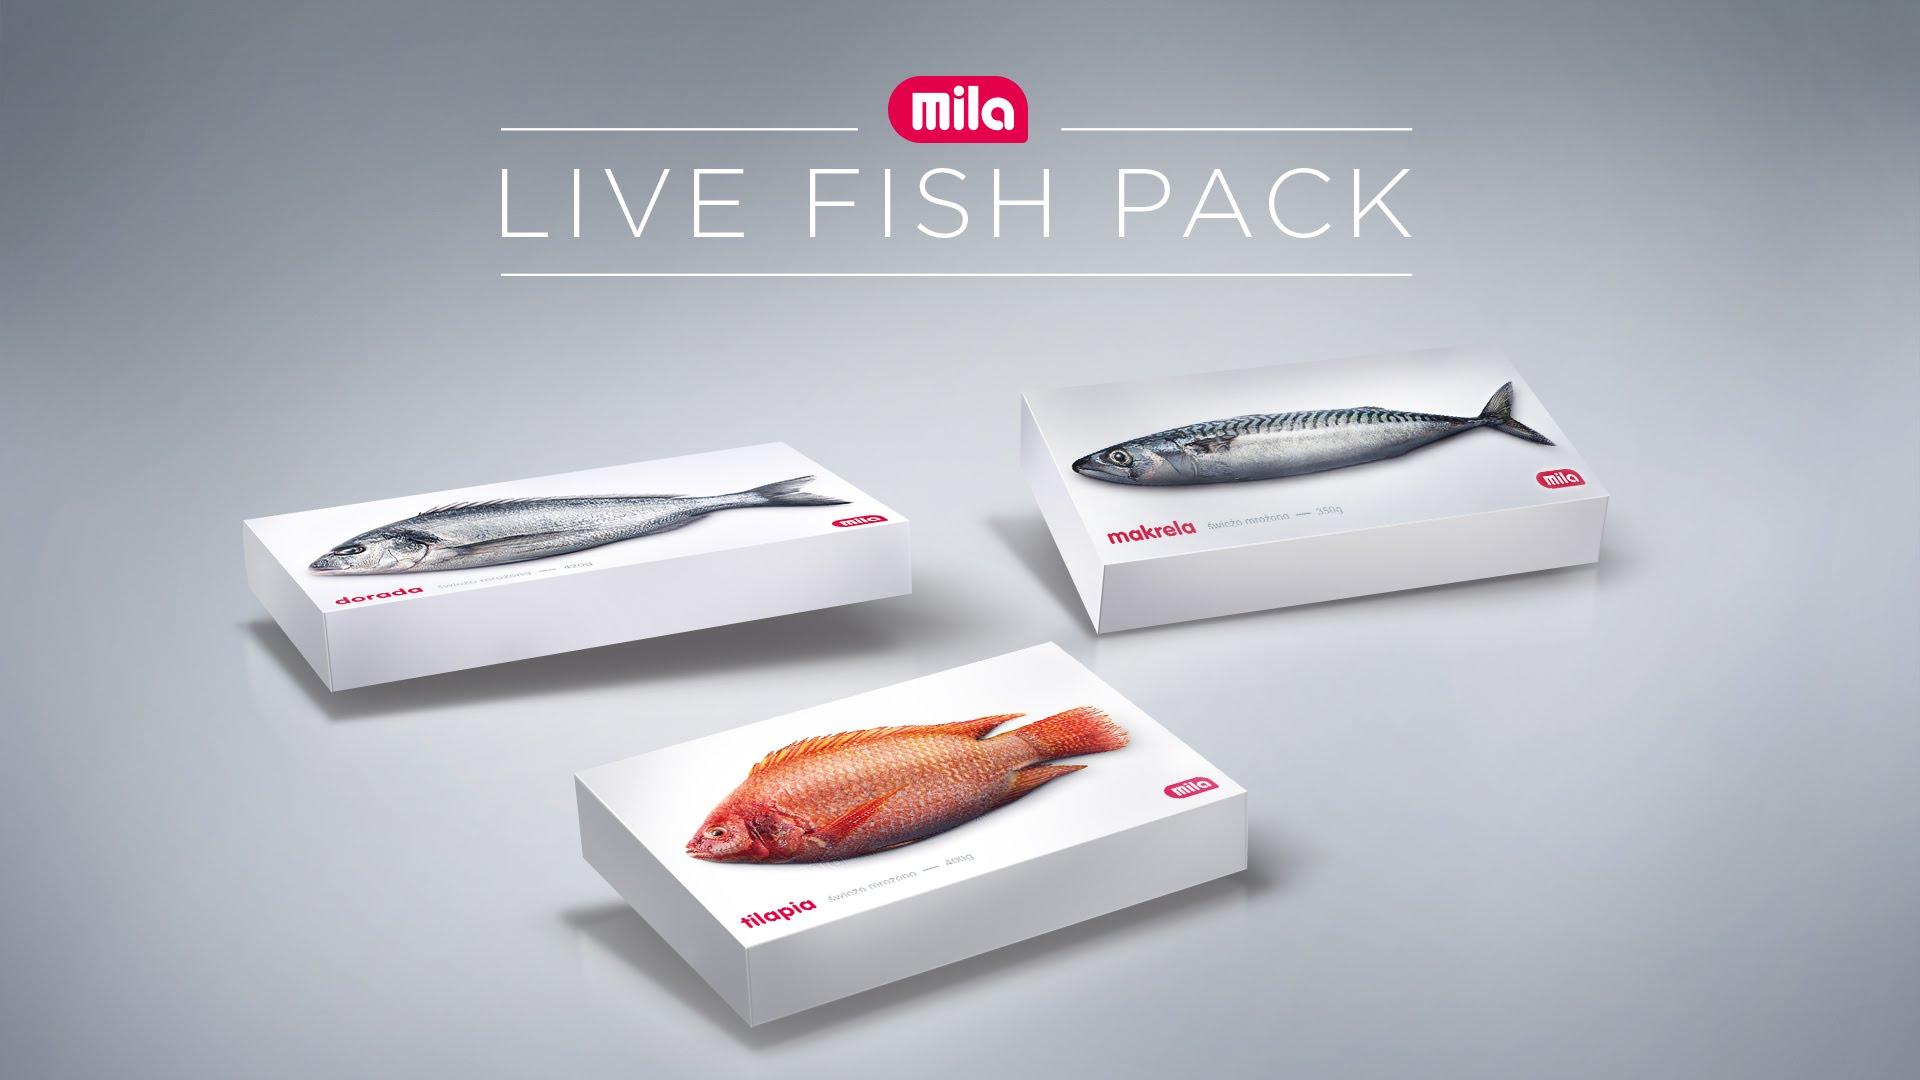 Bewegende visverpakking